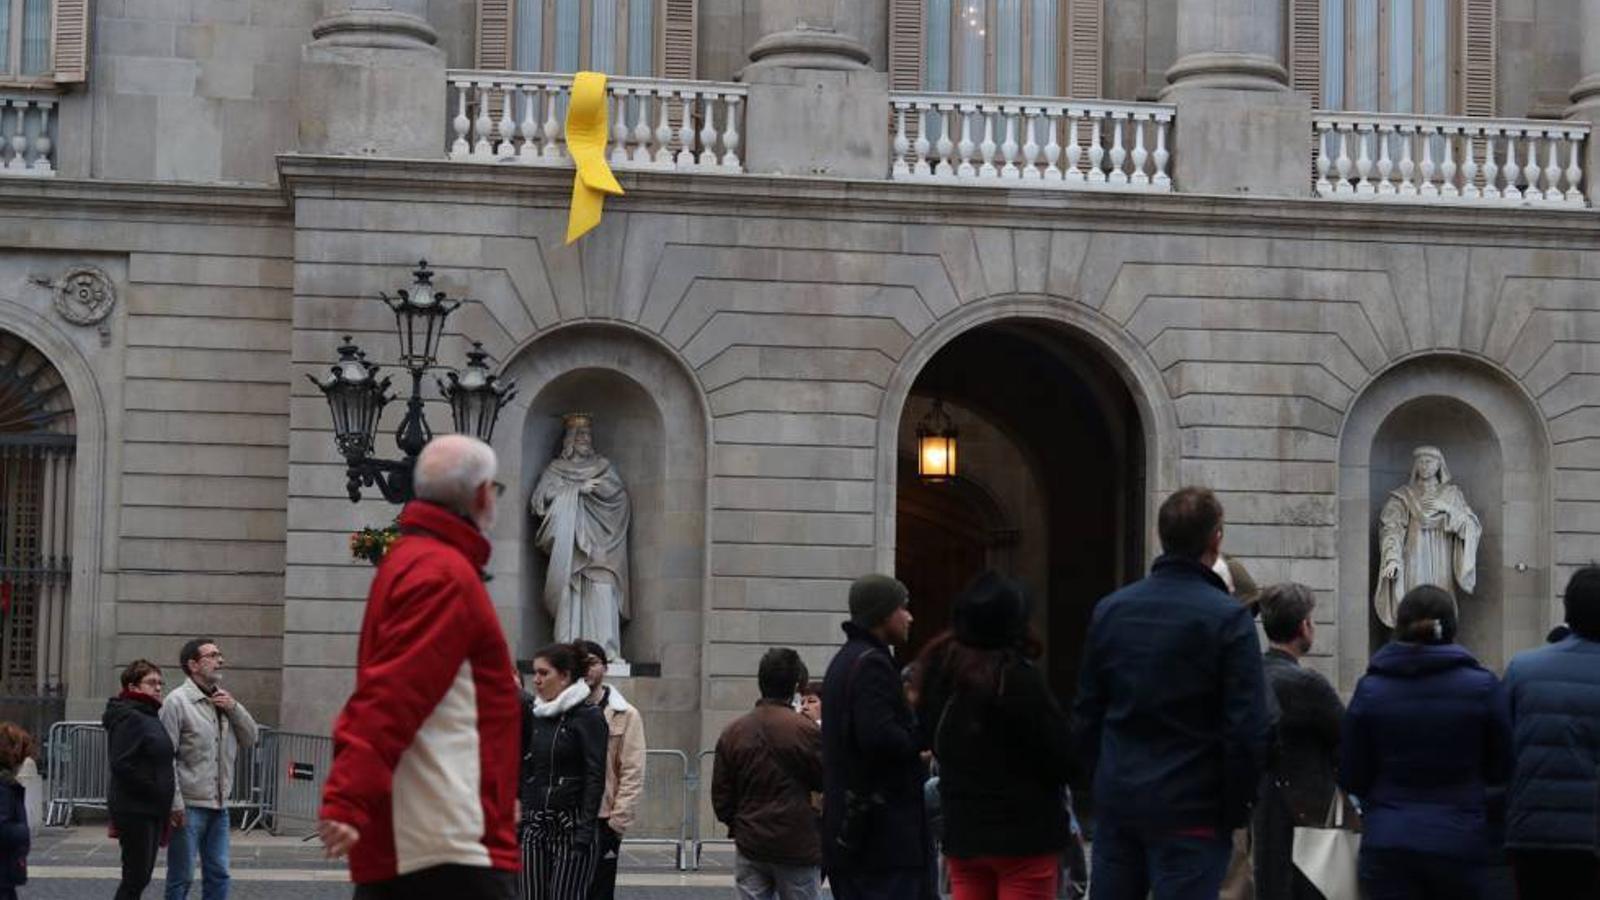 L'Ajuntament de Barcelona en una imatge d'arxiu